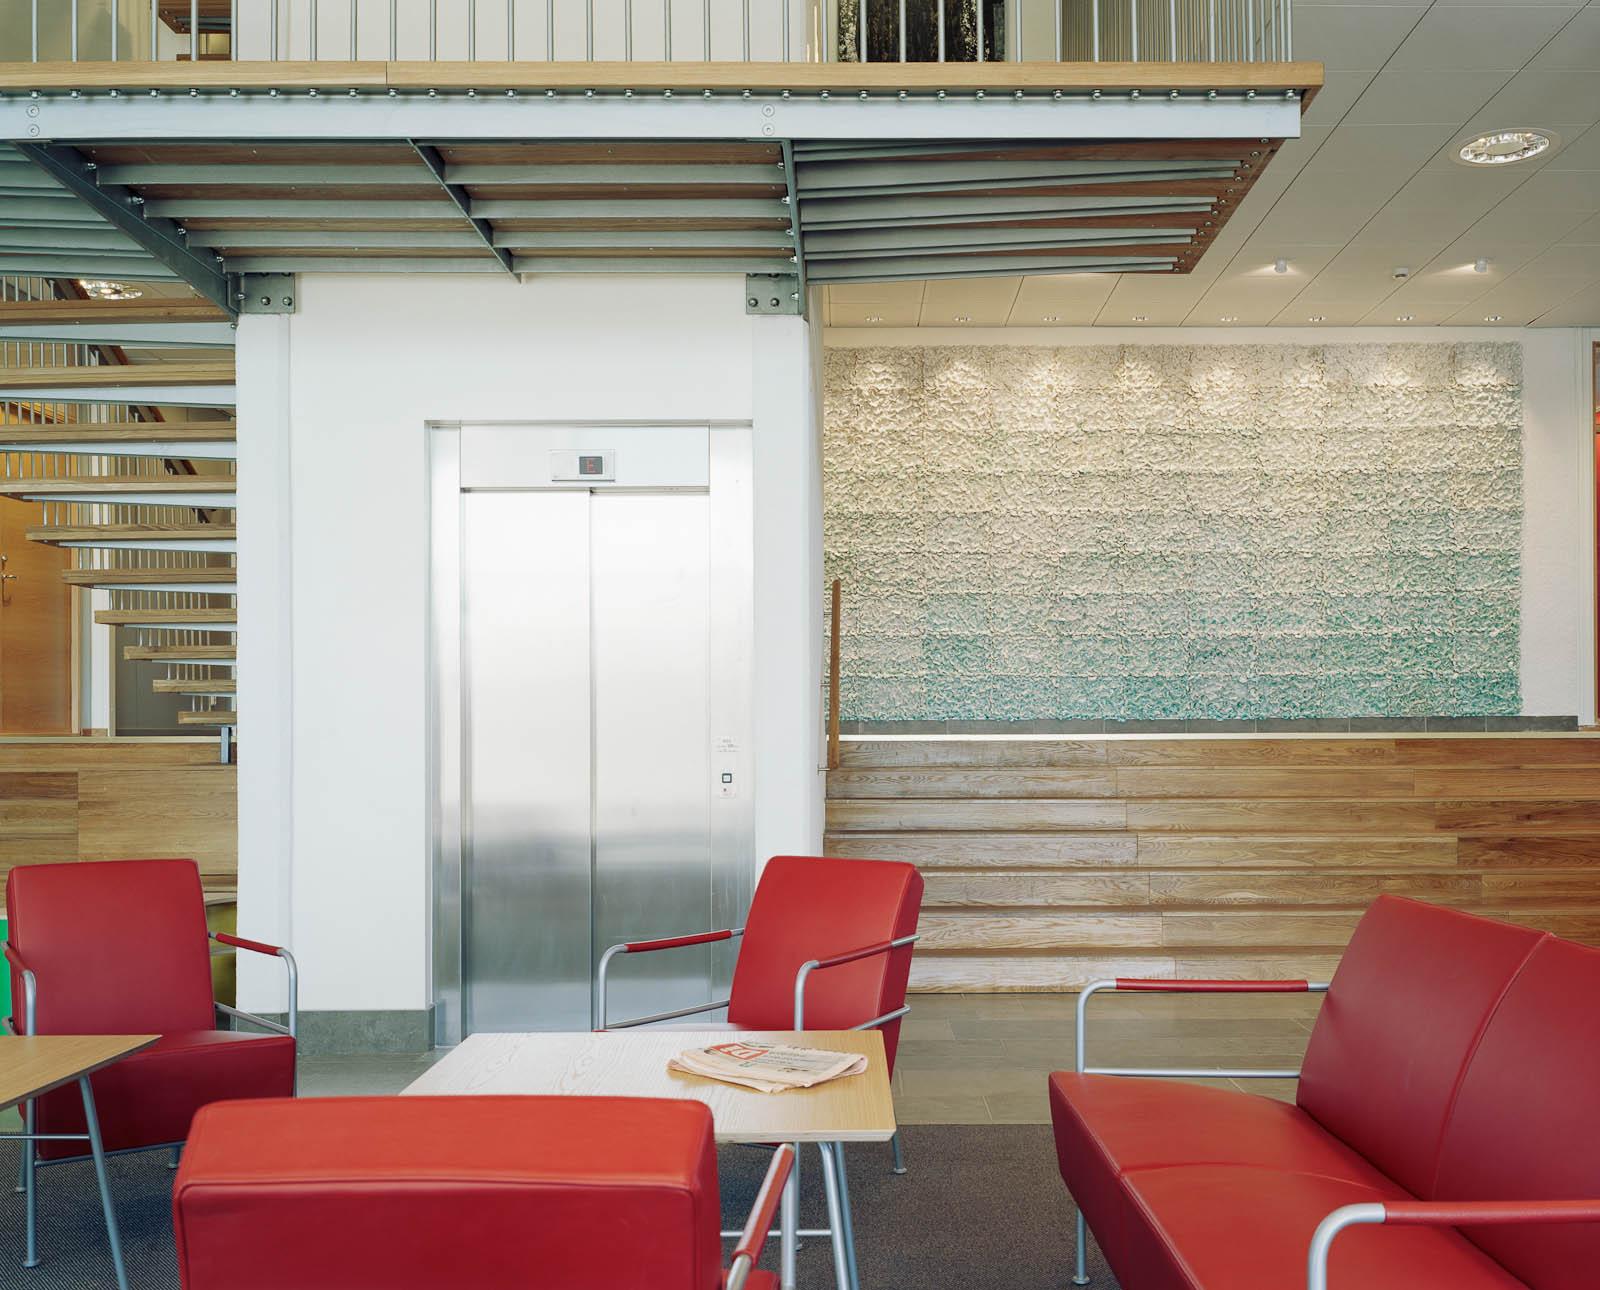 Hiss och röda stolar. I bakgrunden väggen med keramikplattor. Renata Francescon, Fruset šögonblick.